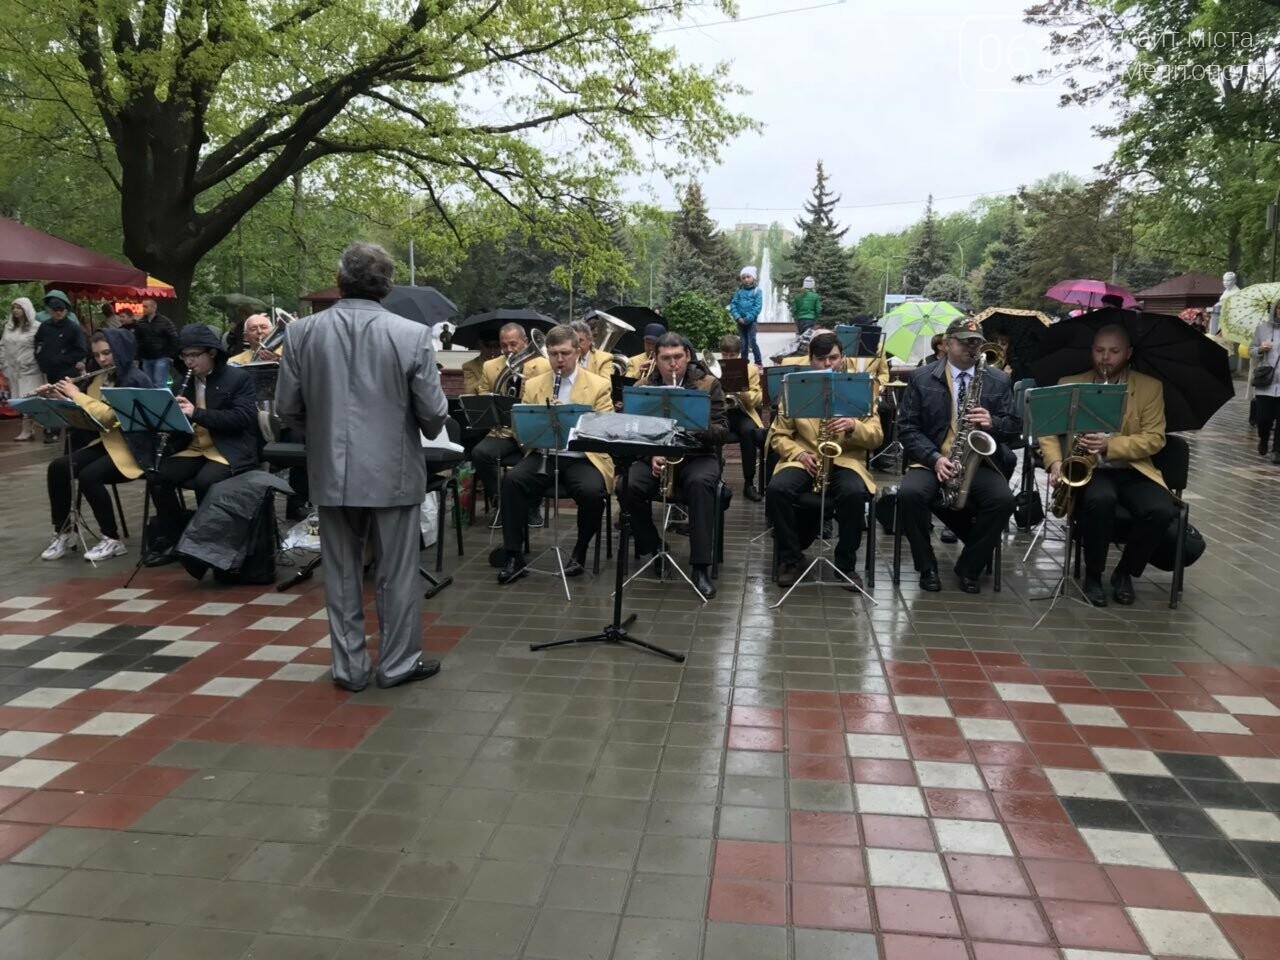 Мелитопольцы продолжают праздновать День Победы в городском парке, фото-1